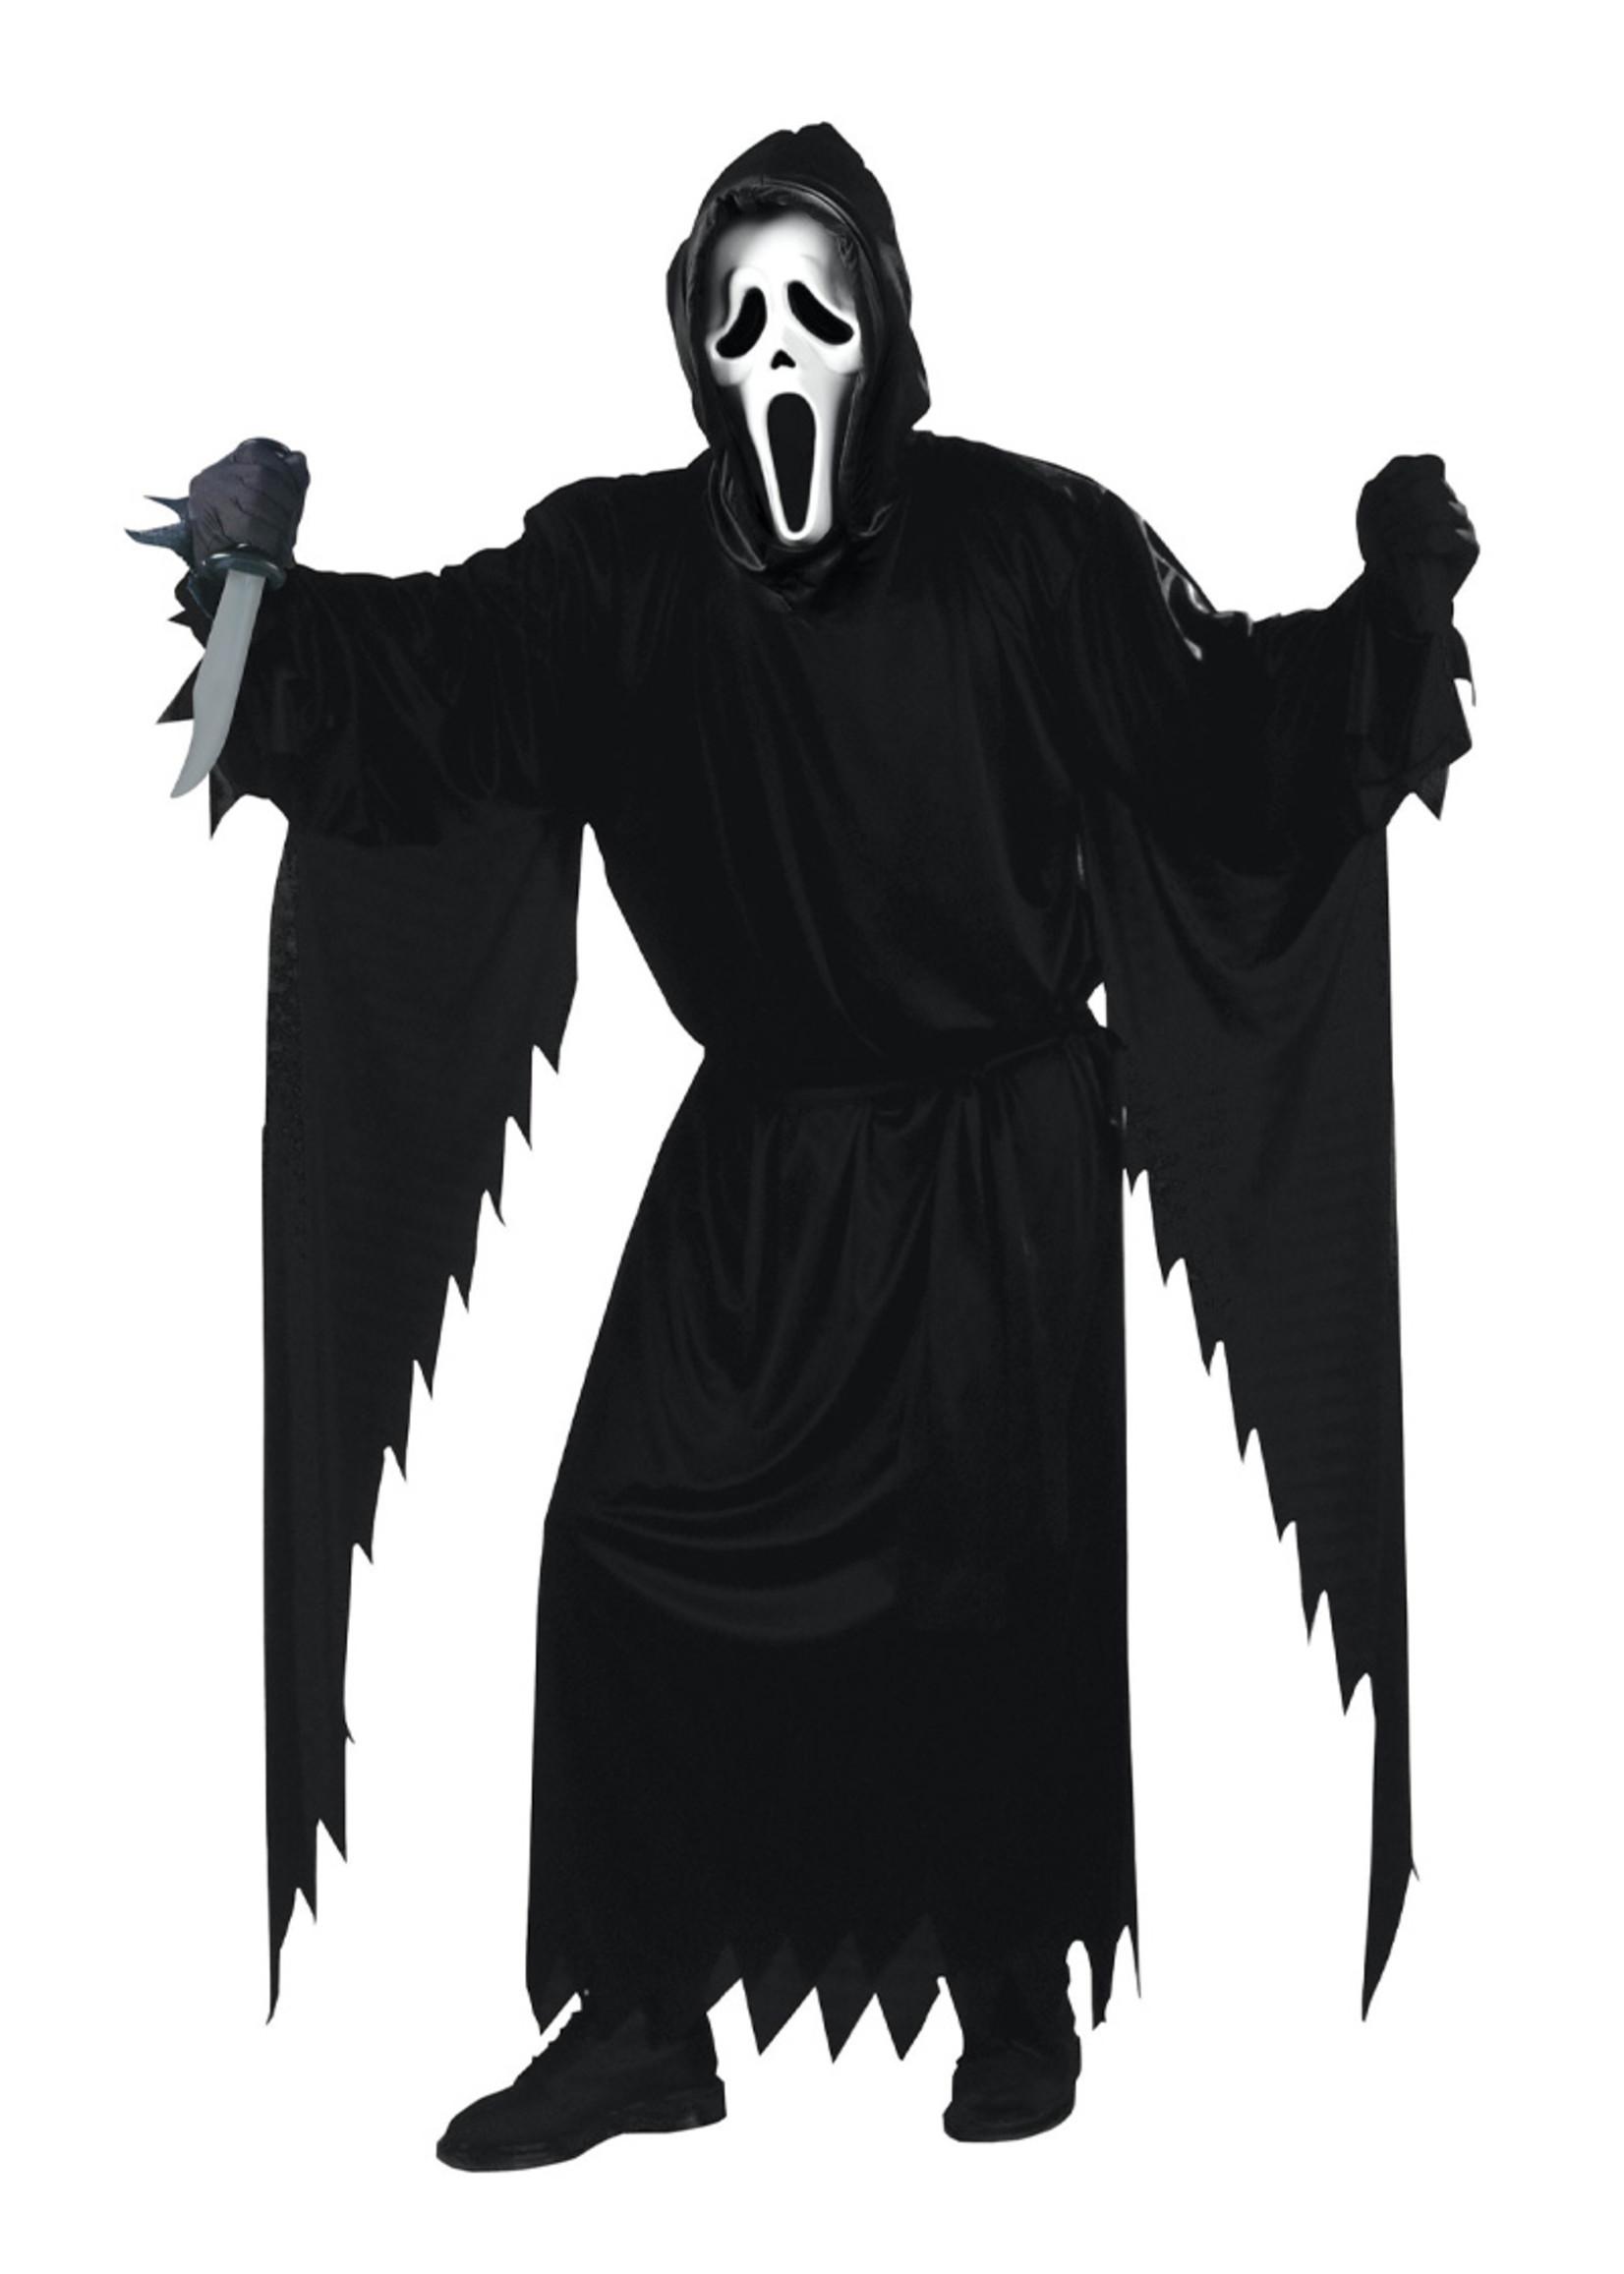 Scream Stalker Costume - Men's